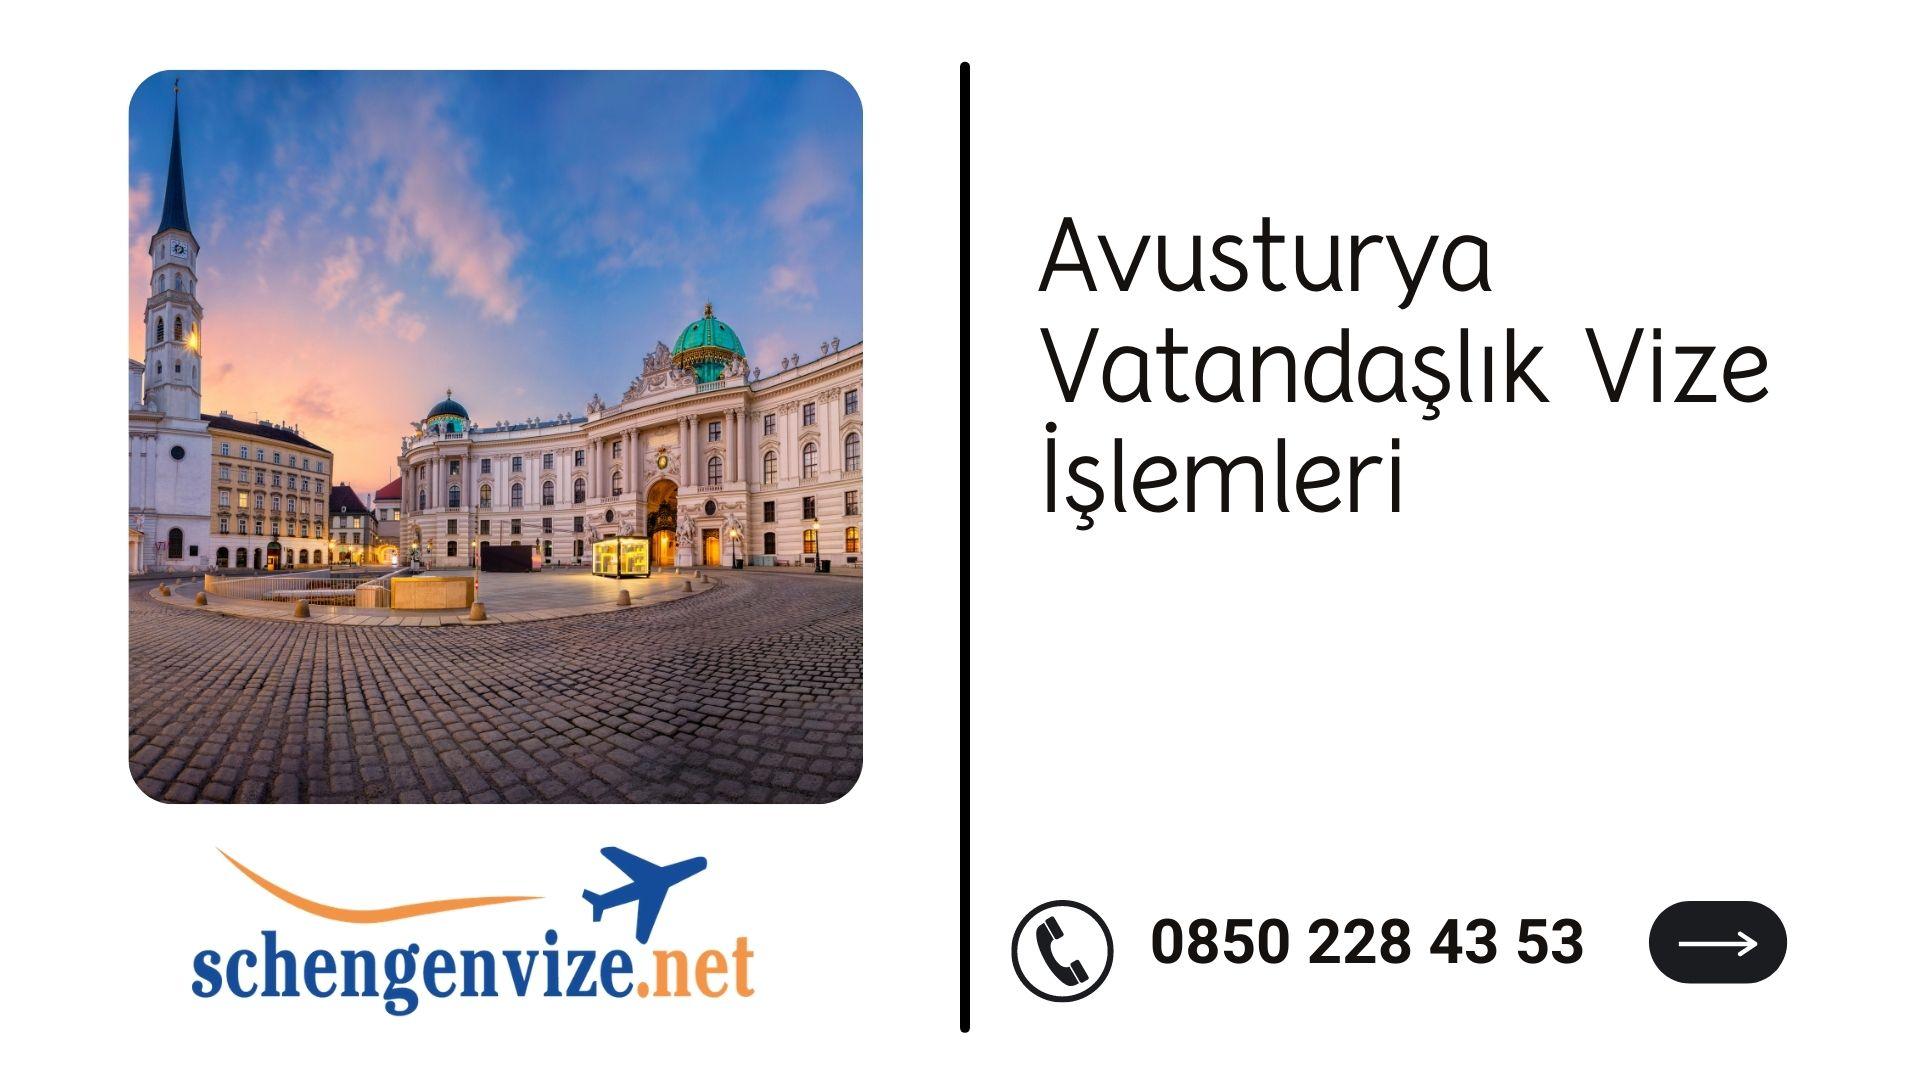 Avusturya Vatandaşlık Vize İşlemleri